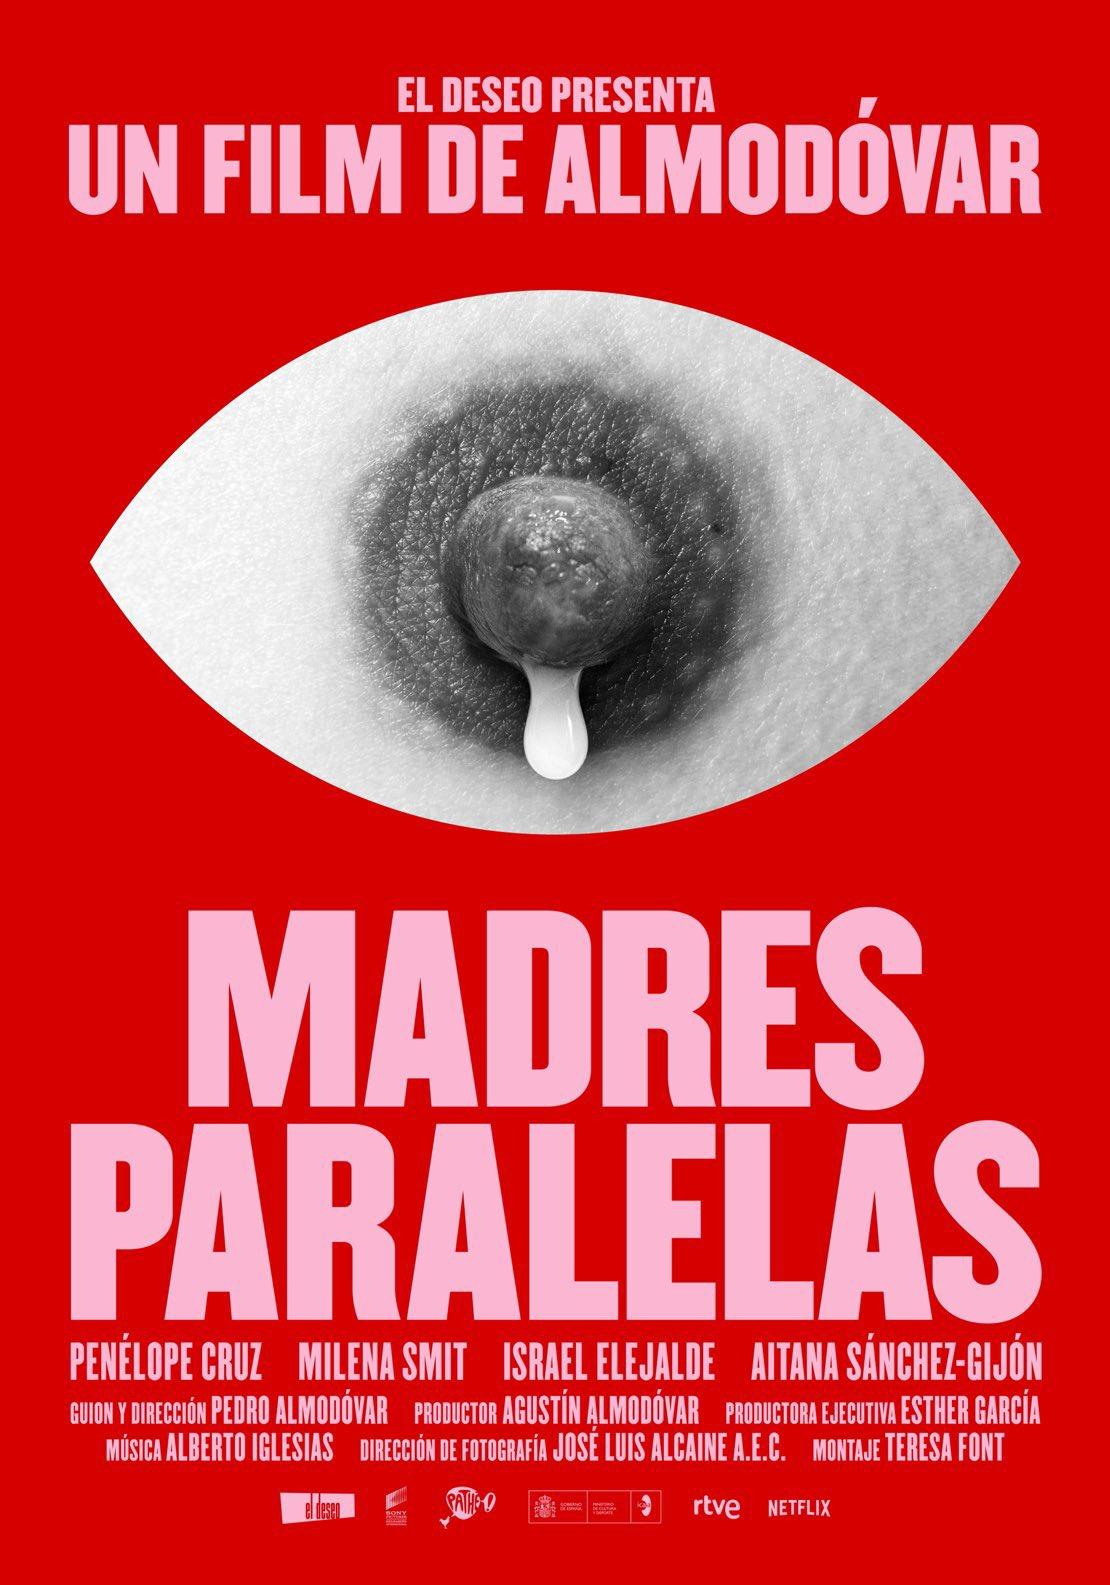 Un téton et basta : Almodóvar joue la provocante sobriété pour l'affiche de son film sur la maternité